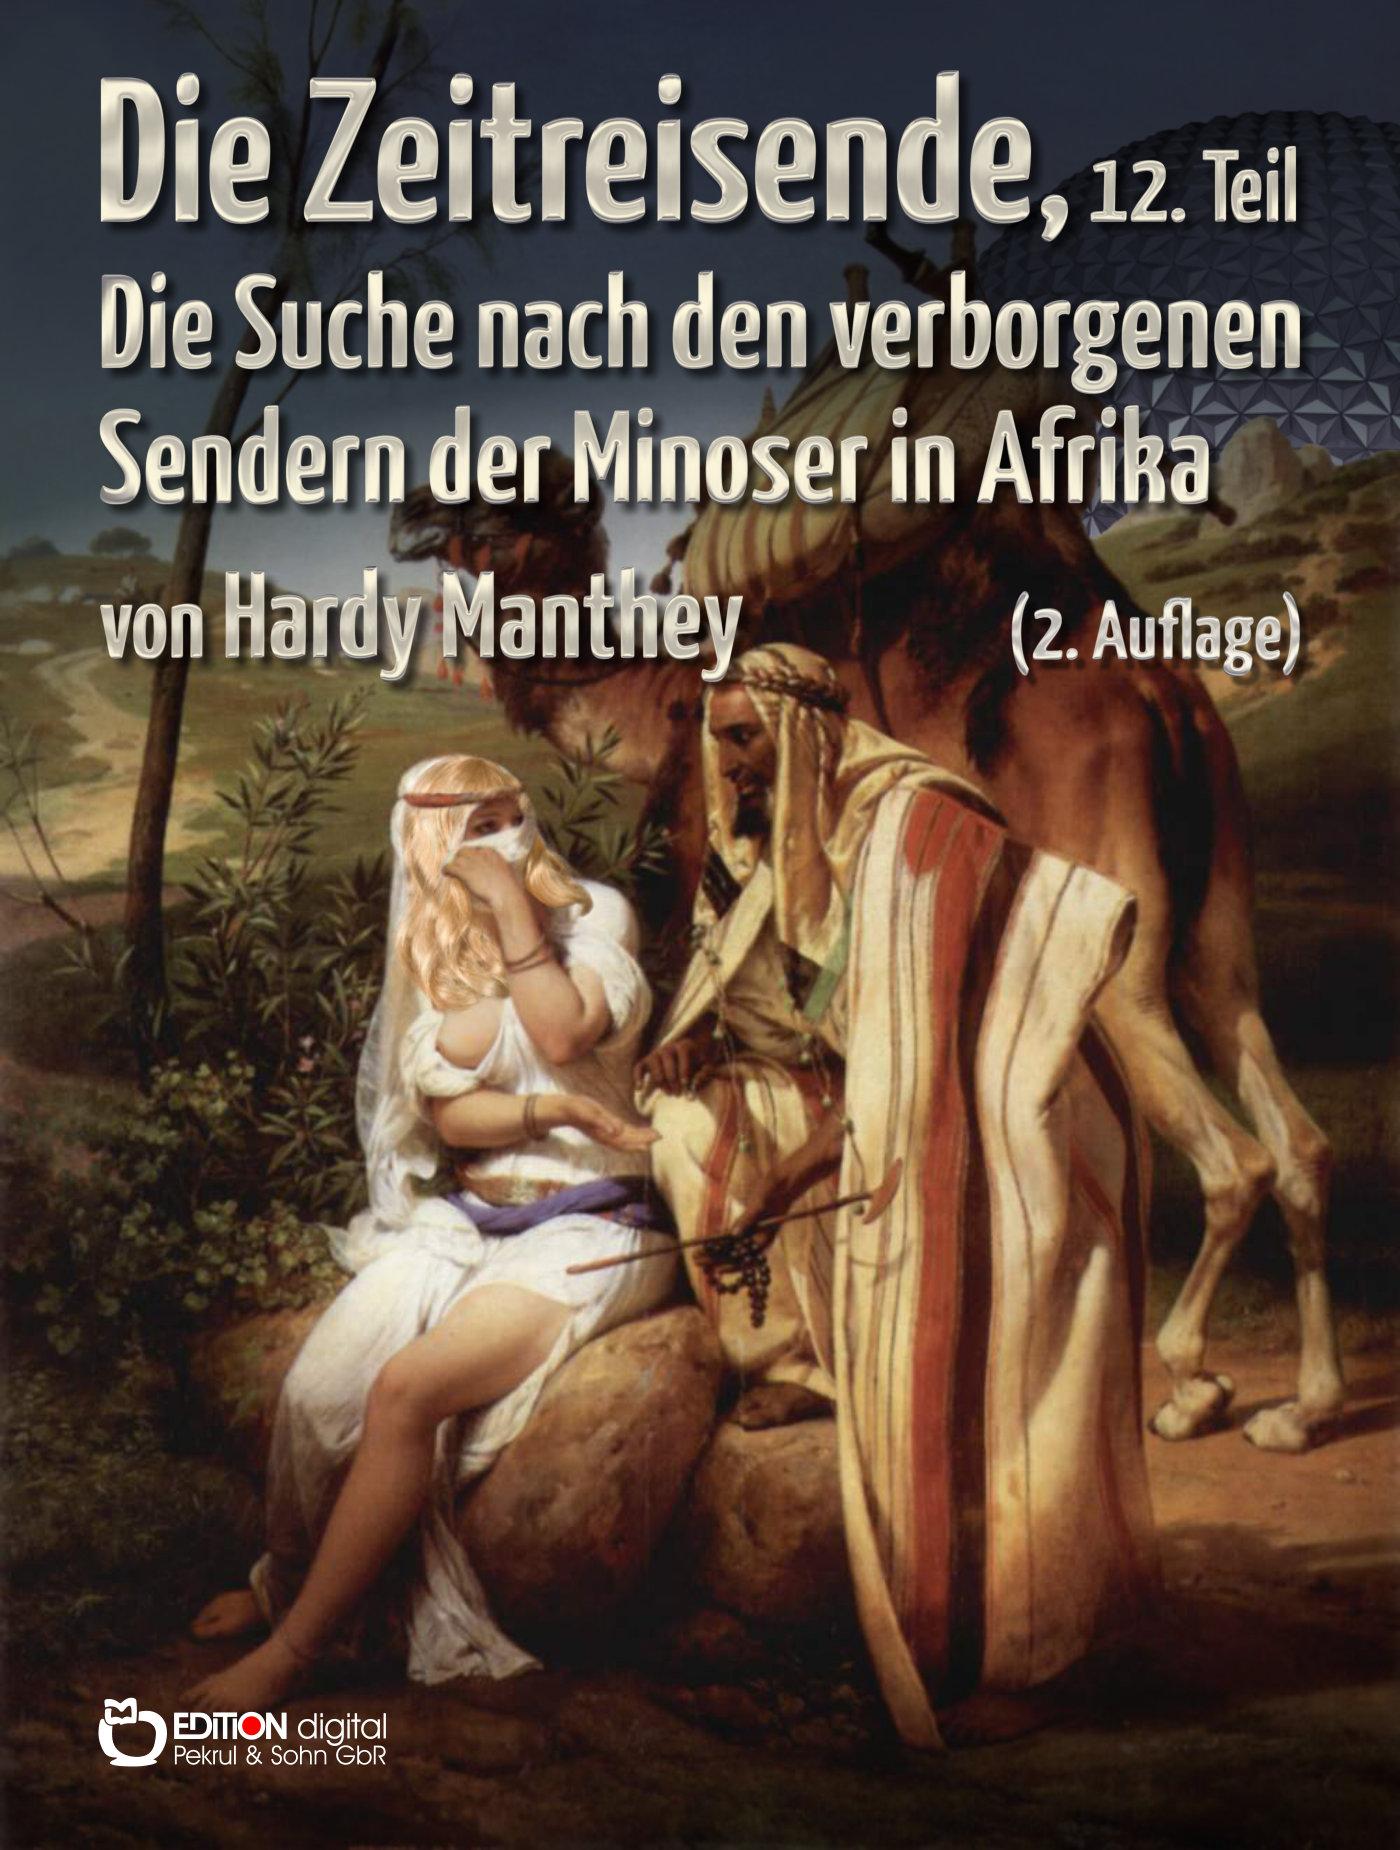 Die Zeitreisende, 12. Teil. Die Suche nach den verborgenen Sendern der Minoser in Afrika von Hardy Manthey